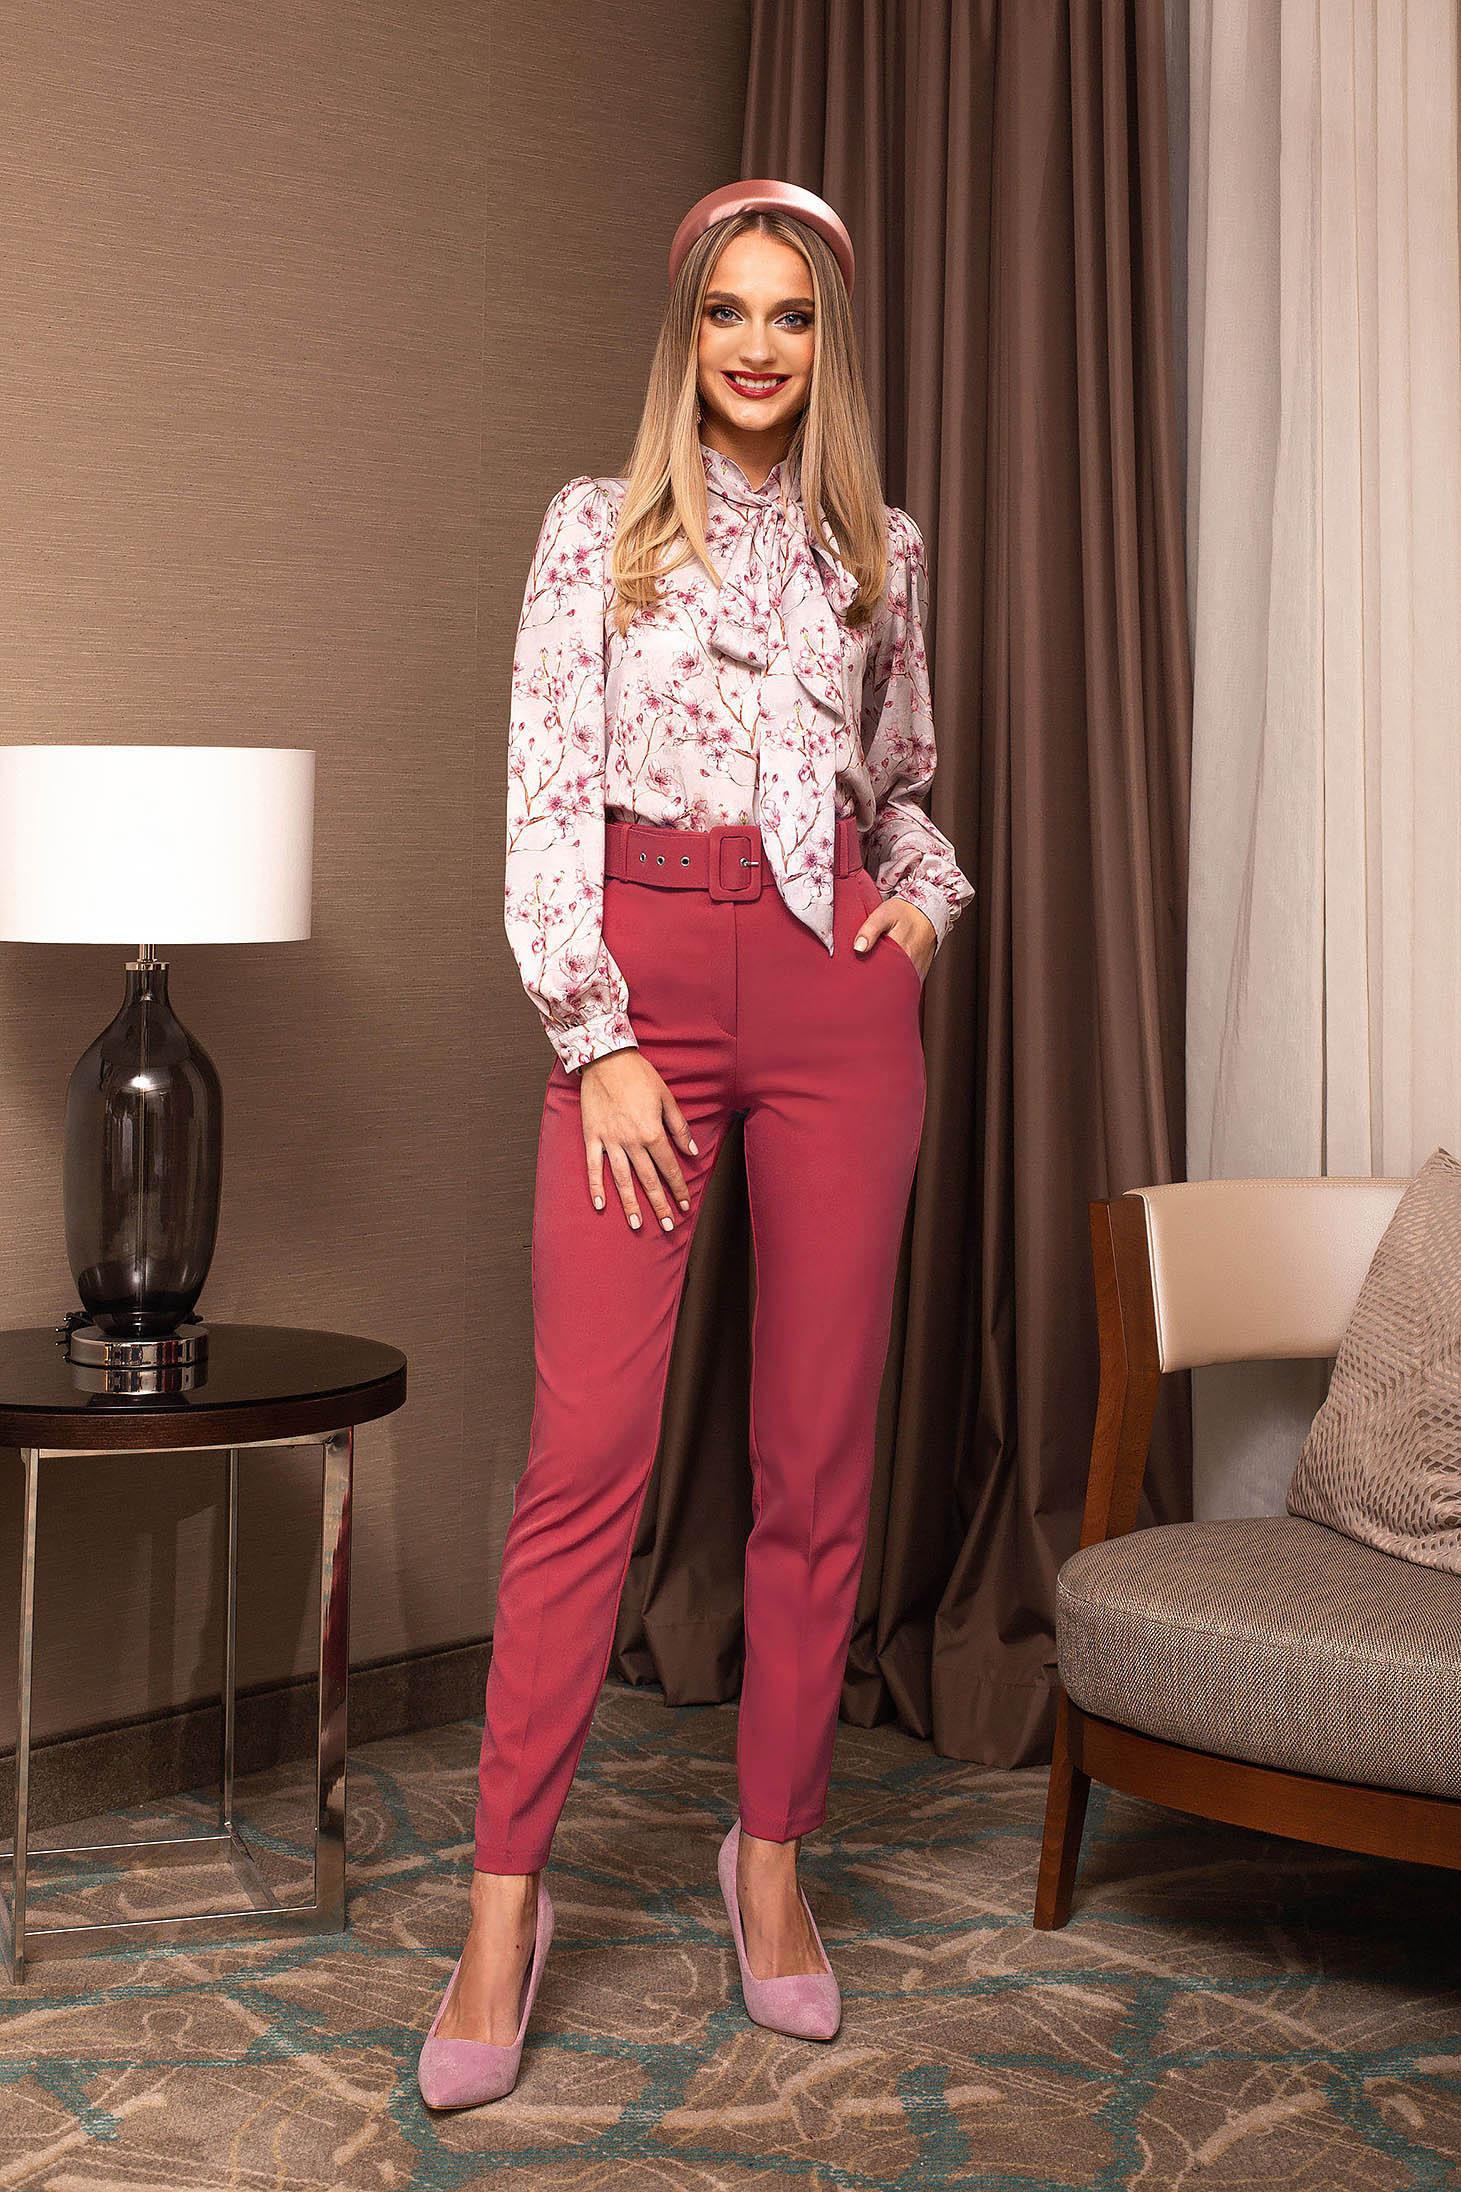 A képhez tartozó alt jellemző üres; pantaloni-prettygirl-corai-office-conici-cu-talie--S047491-1-463590.jpg a fájlnév